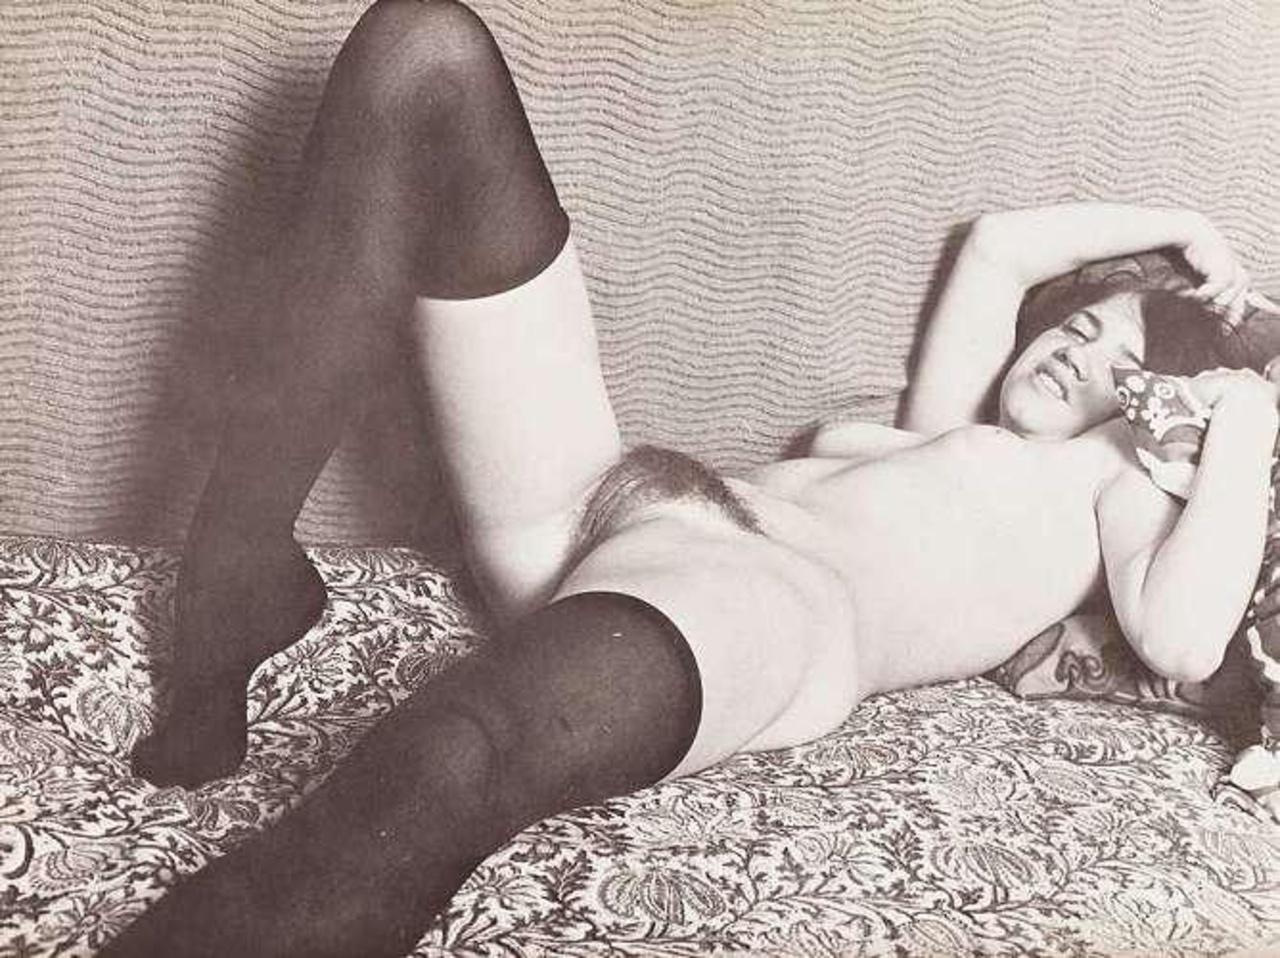 Ретро фотографии эро, Ретро эротика голых девушки и женщины - смотреть 9 фотография